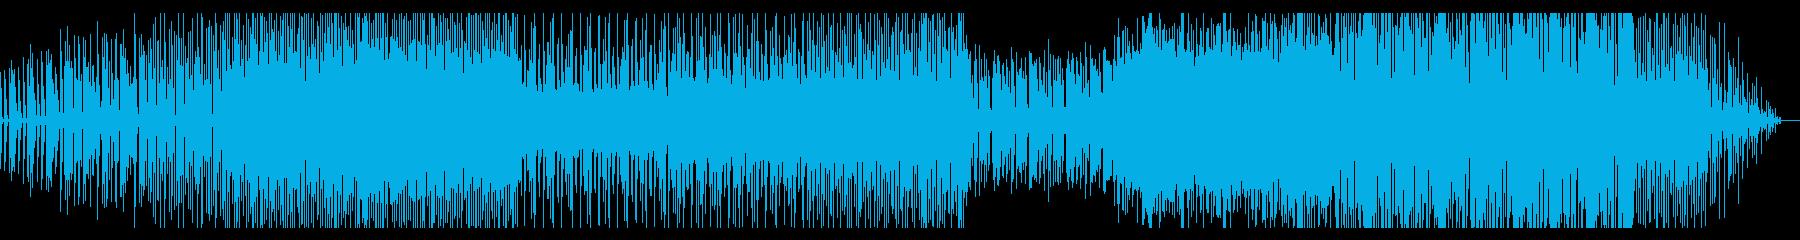 シンプルなグリッジエレクトロニカの再生済みの波形